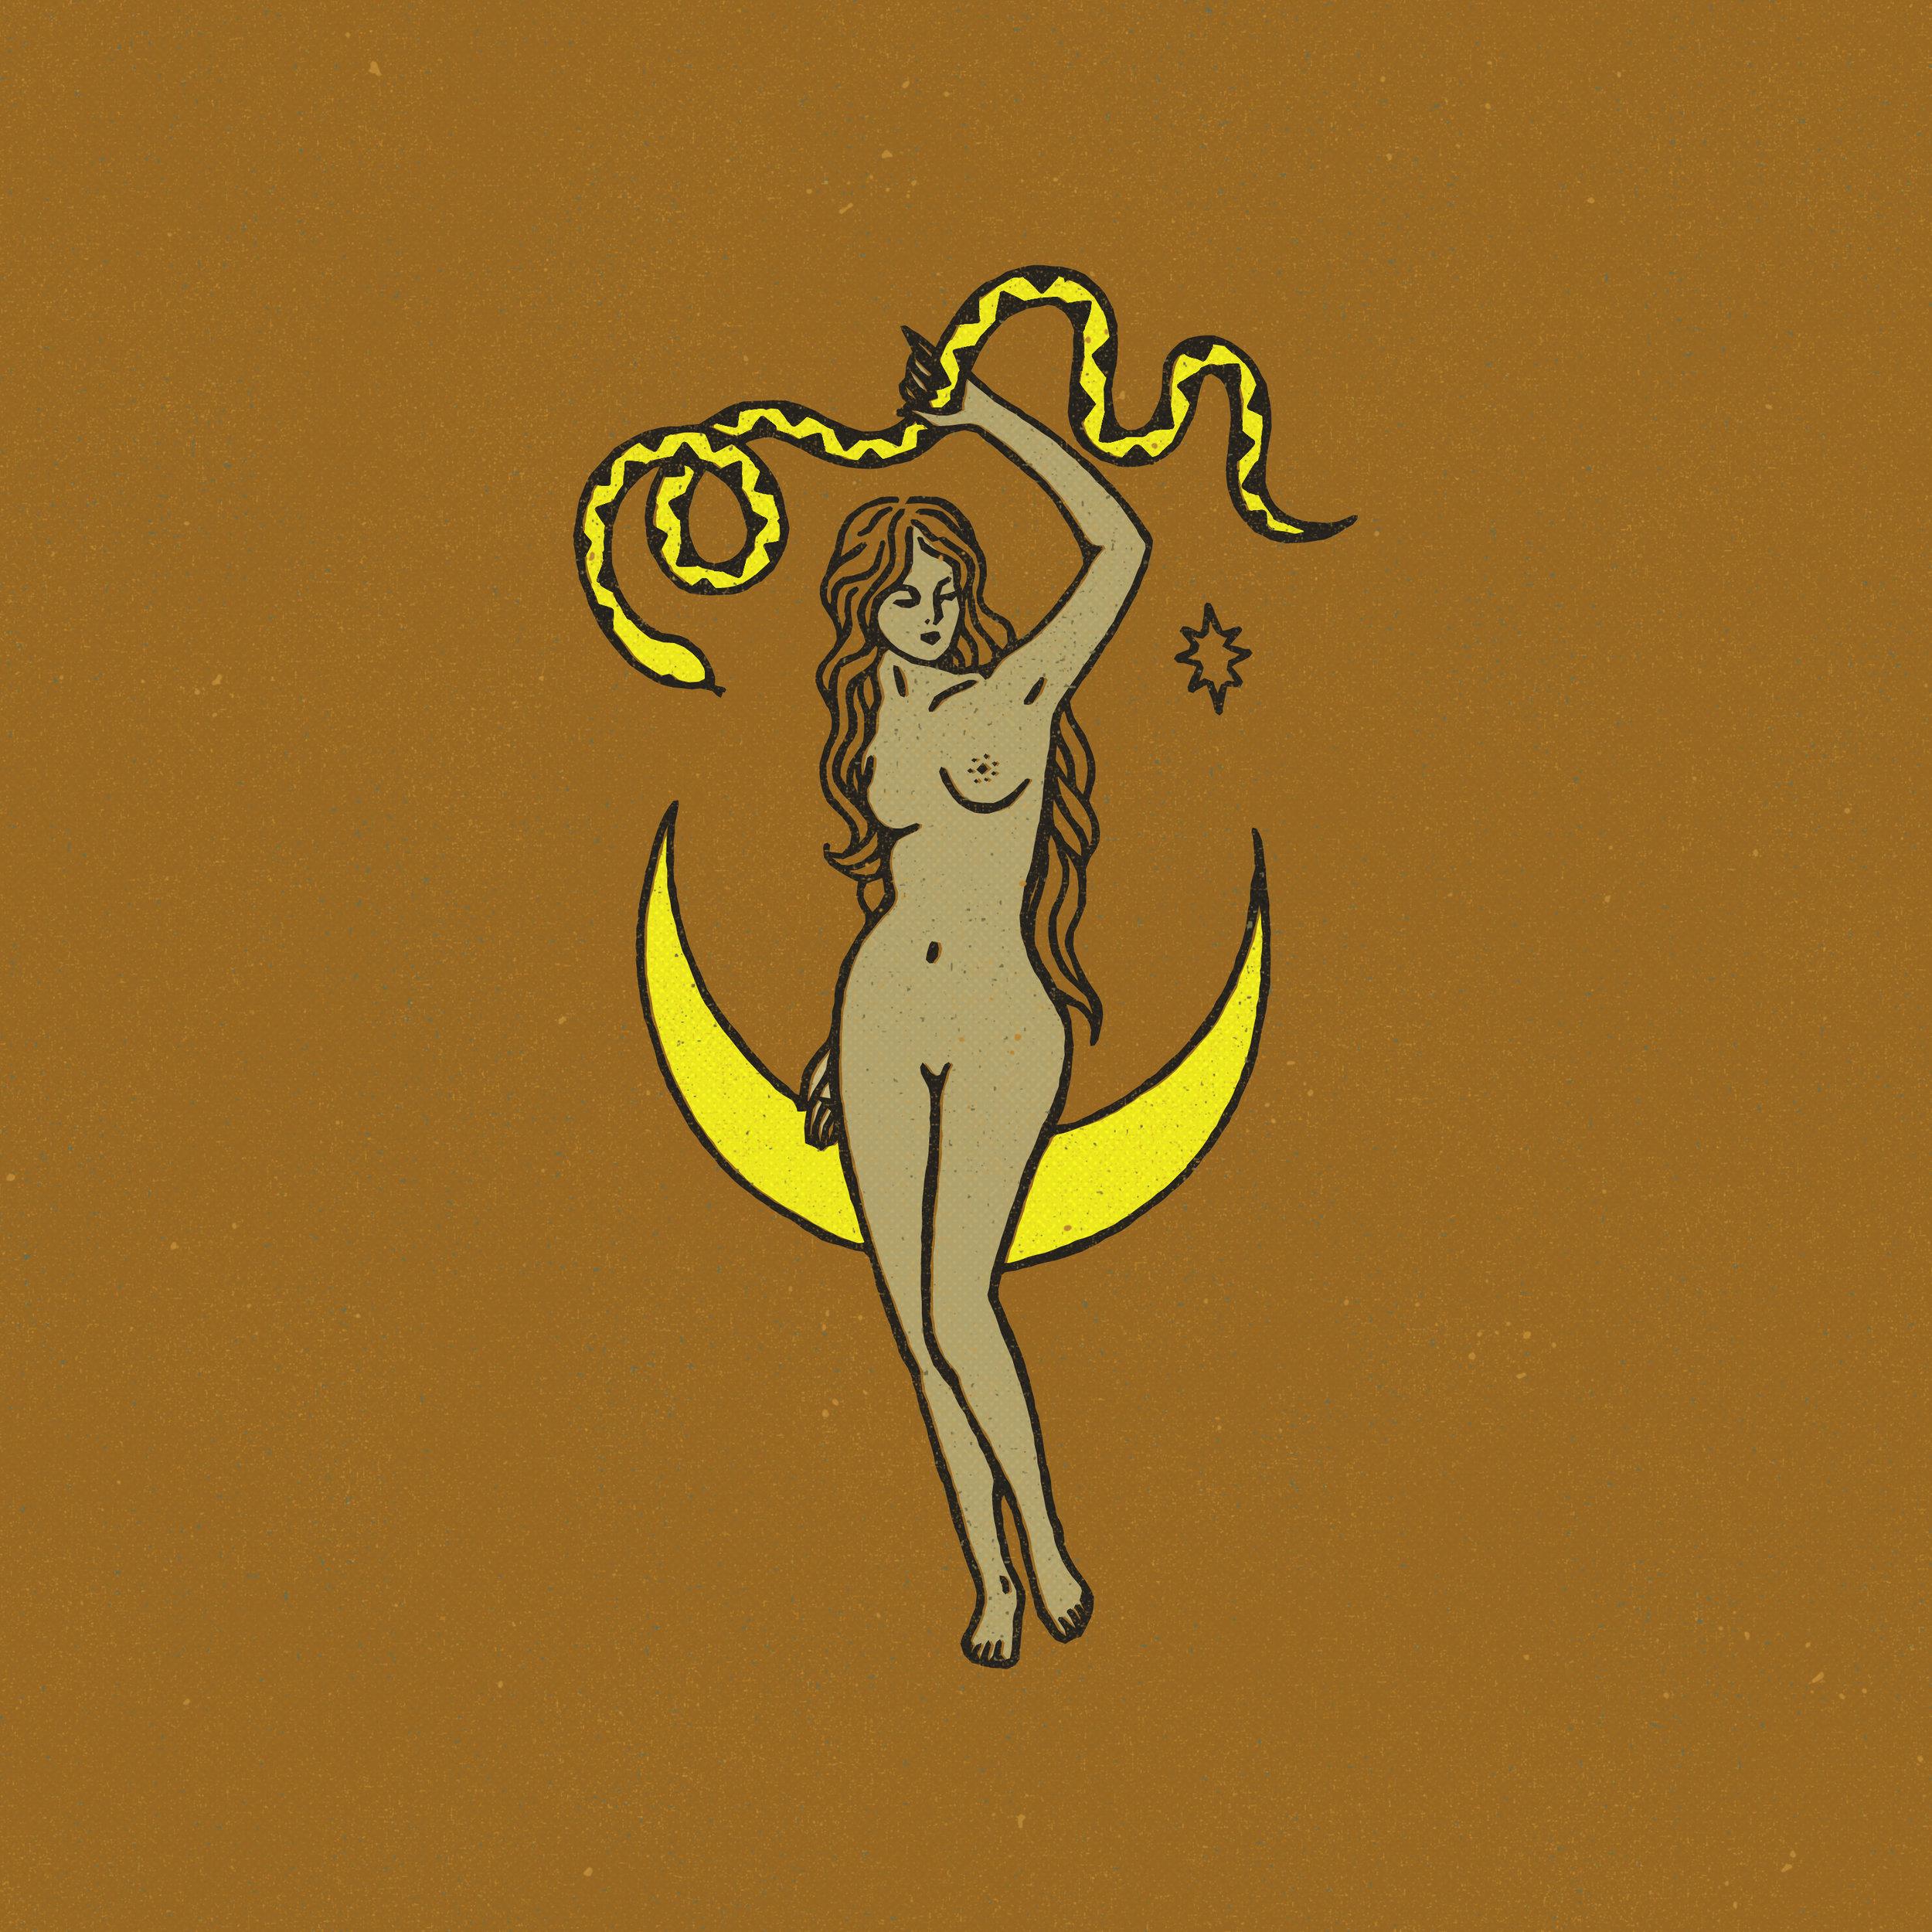 girl-snake-01.jpg